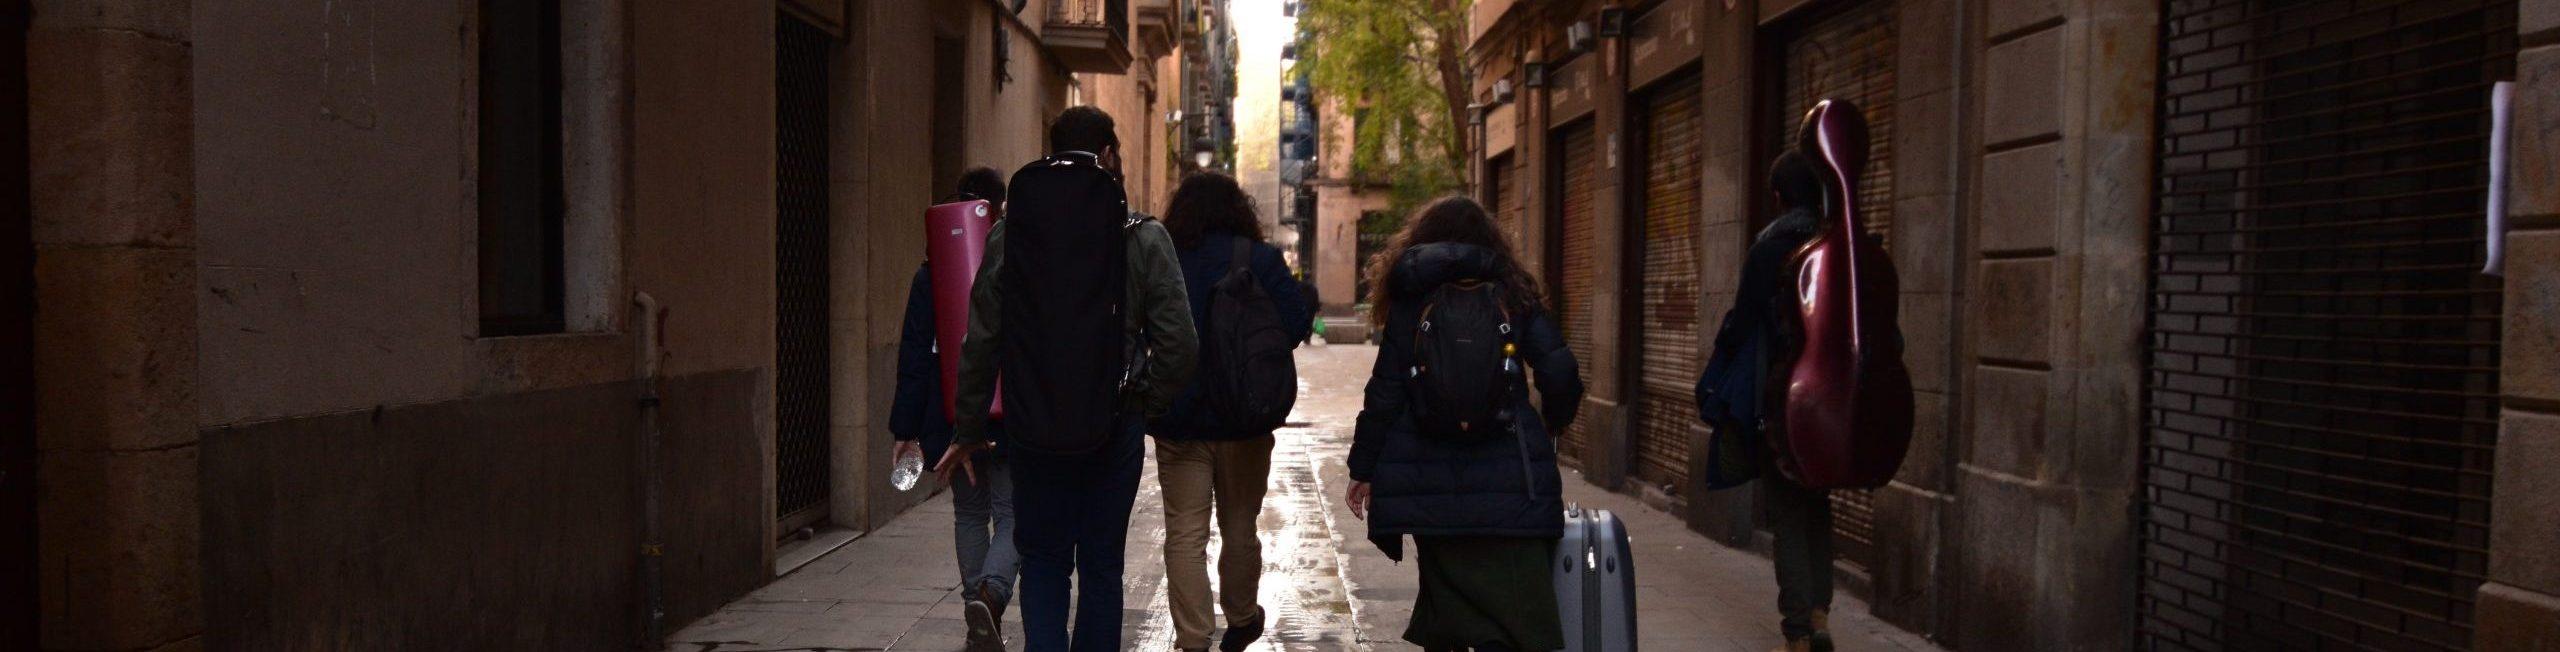 Enesmble Anacronía en el Barri Gotic de Barcelona